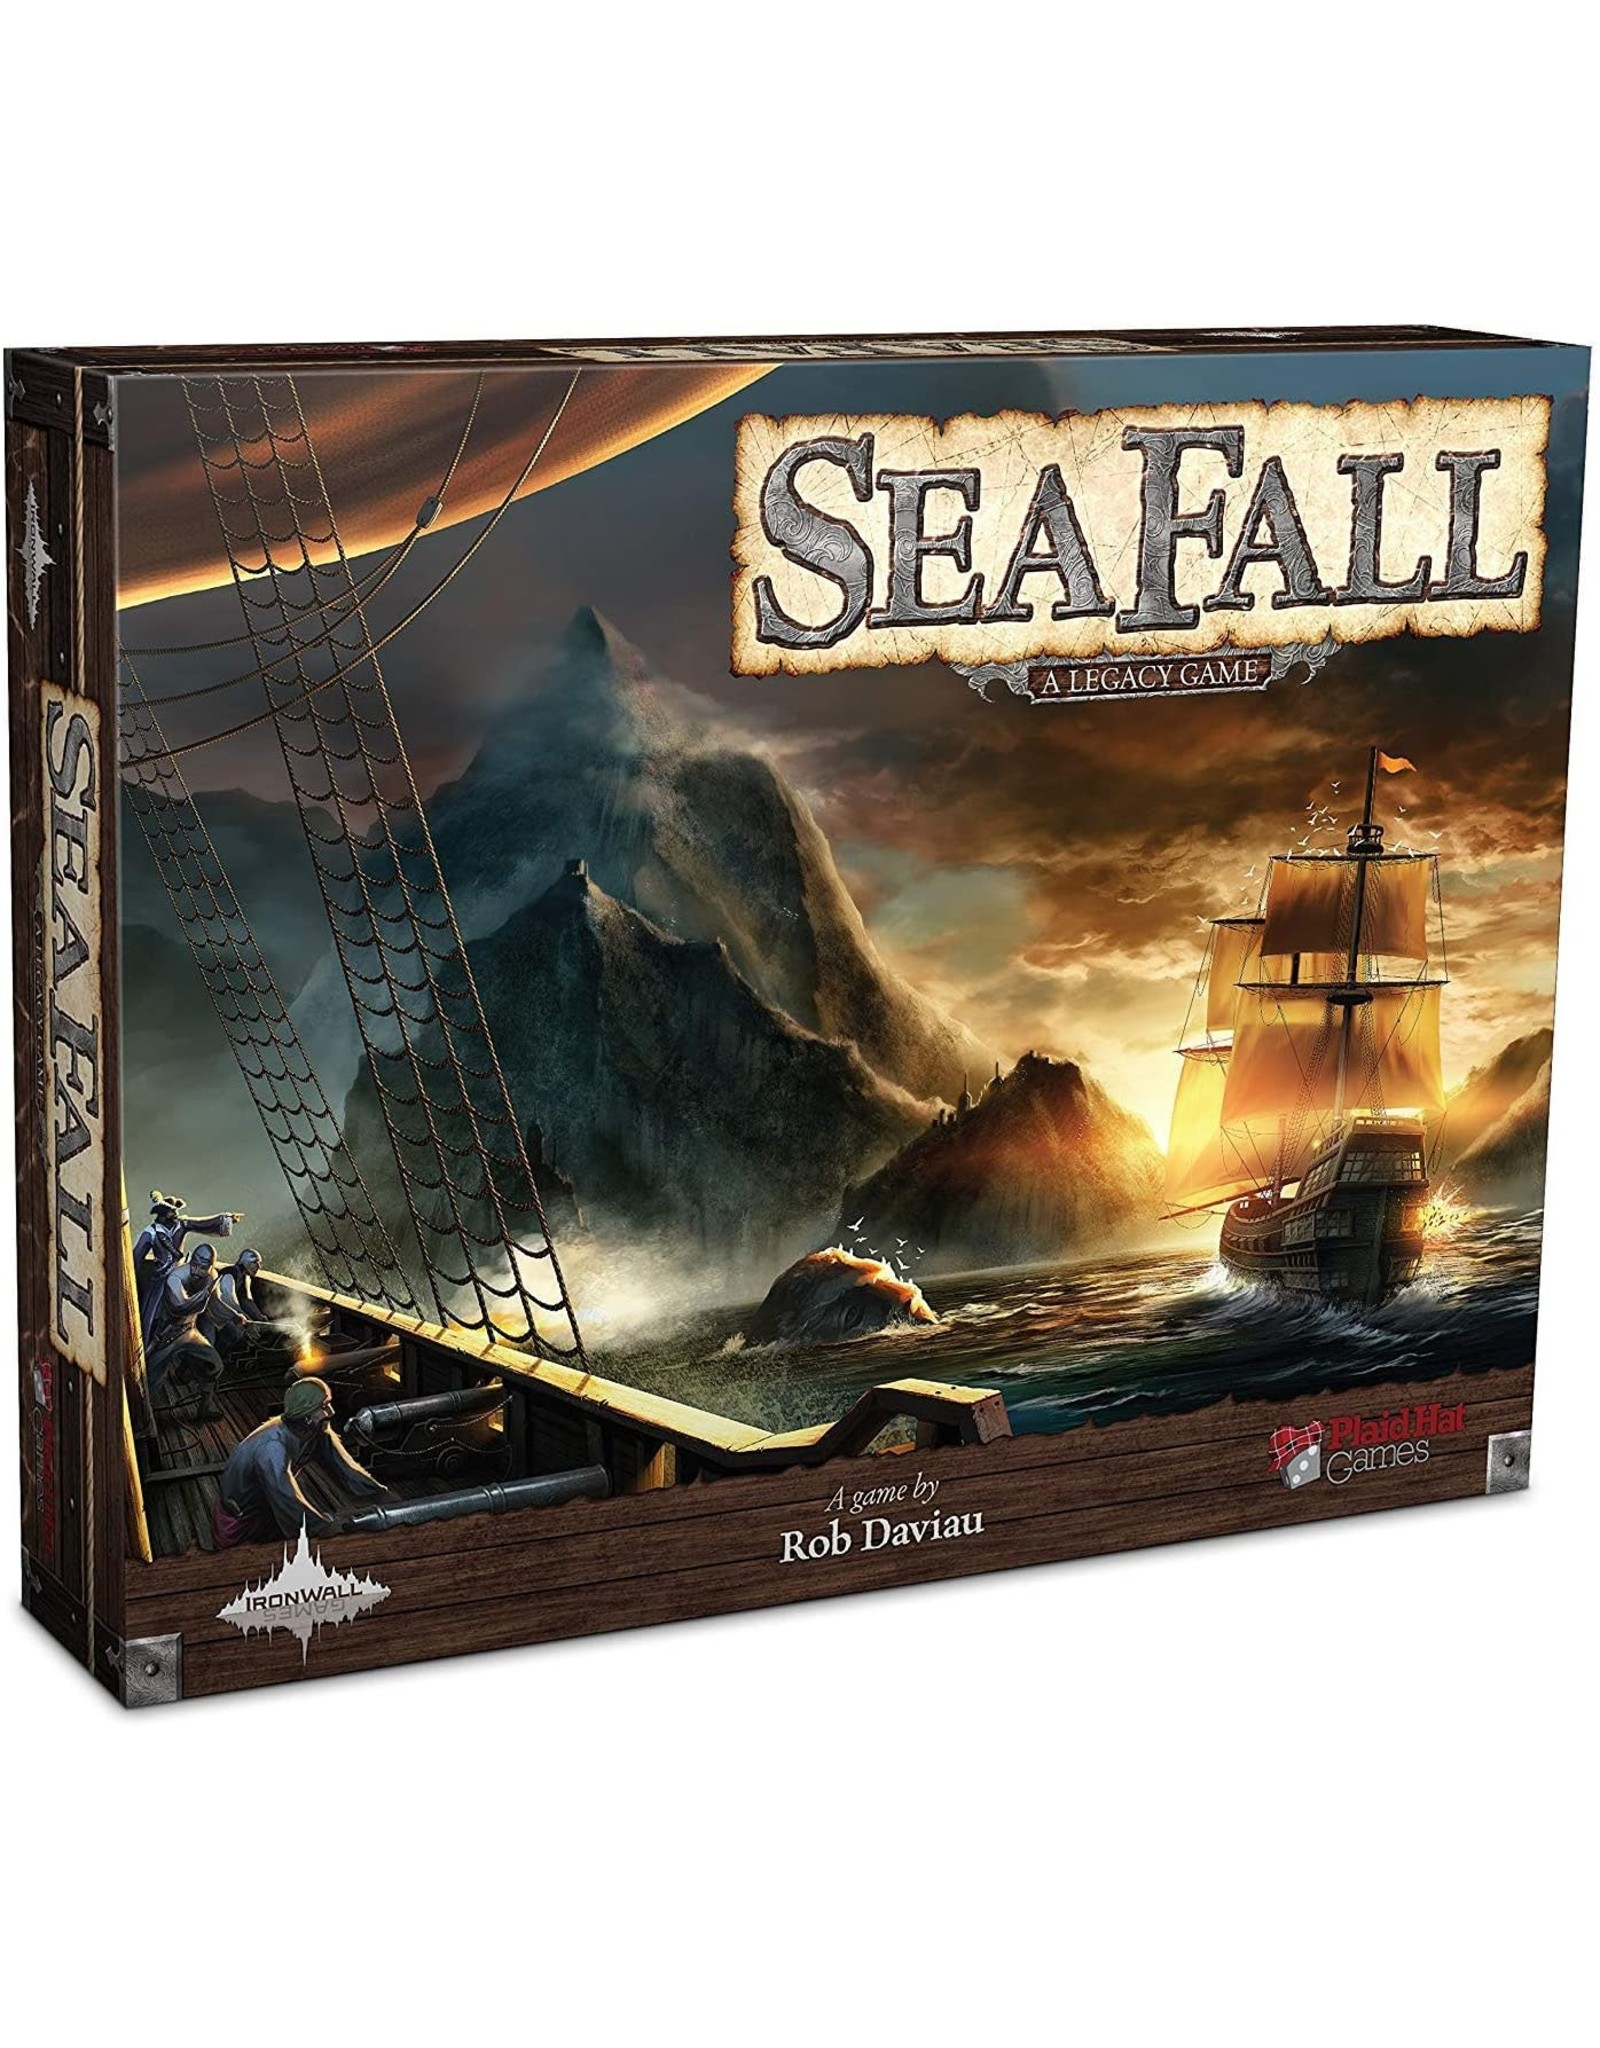 Plaid Hat Games Seafall